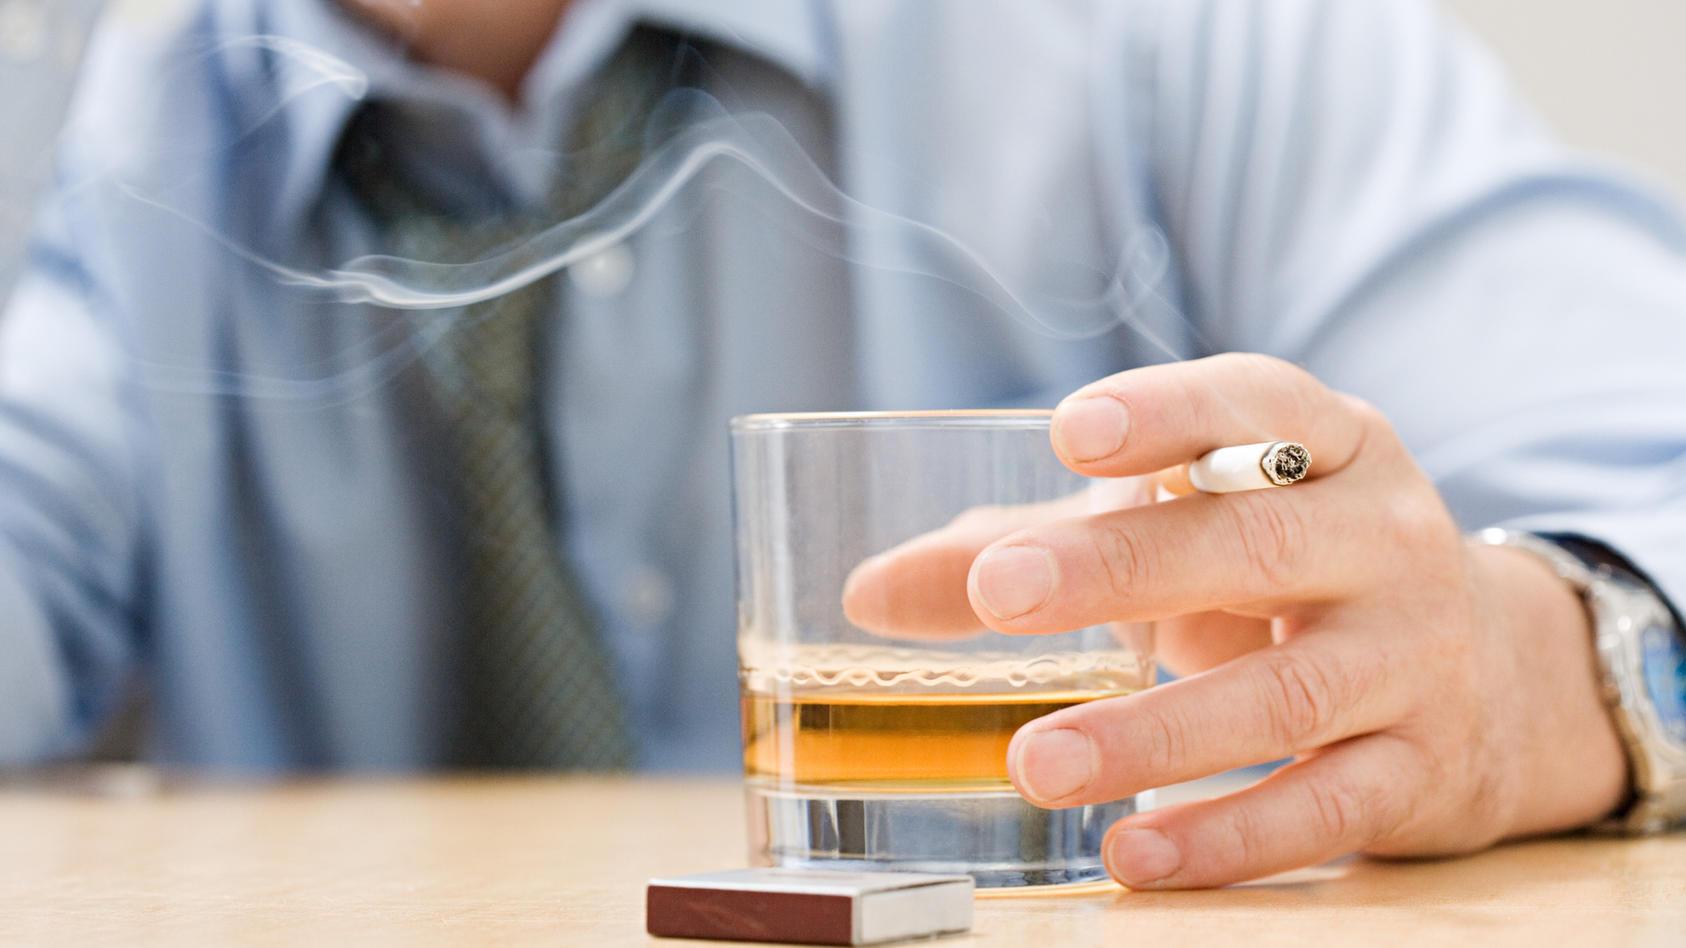 Wer viel Alkohol konsumiert und raucht, sollte